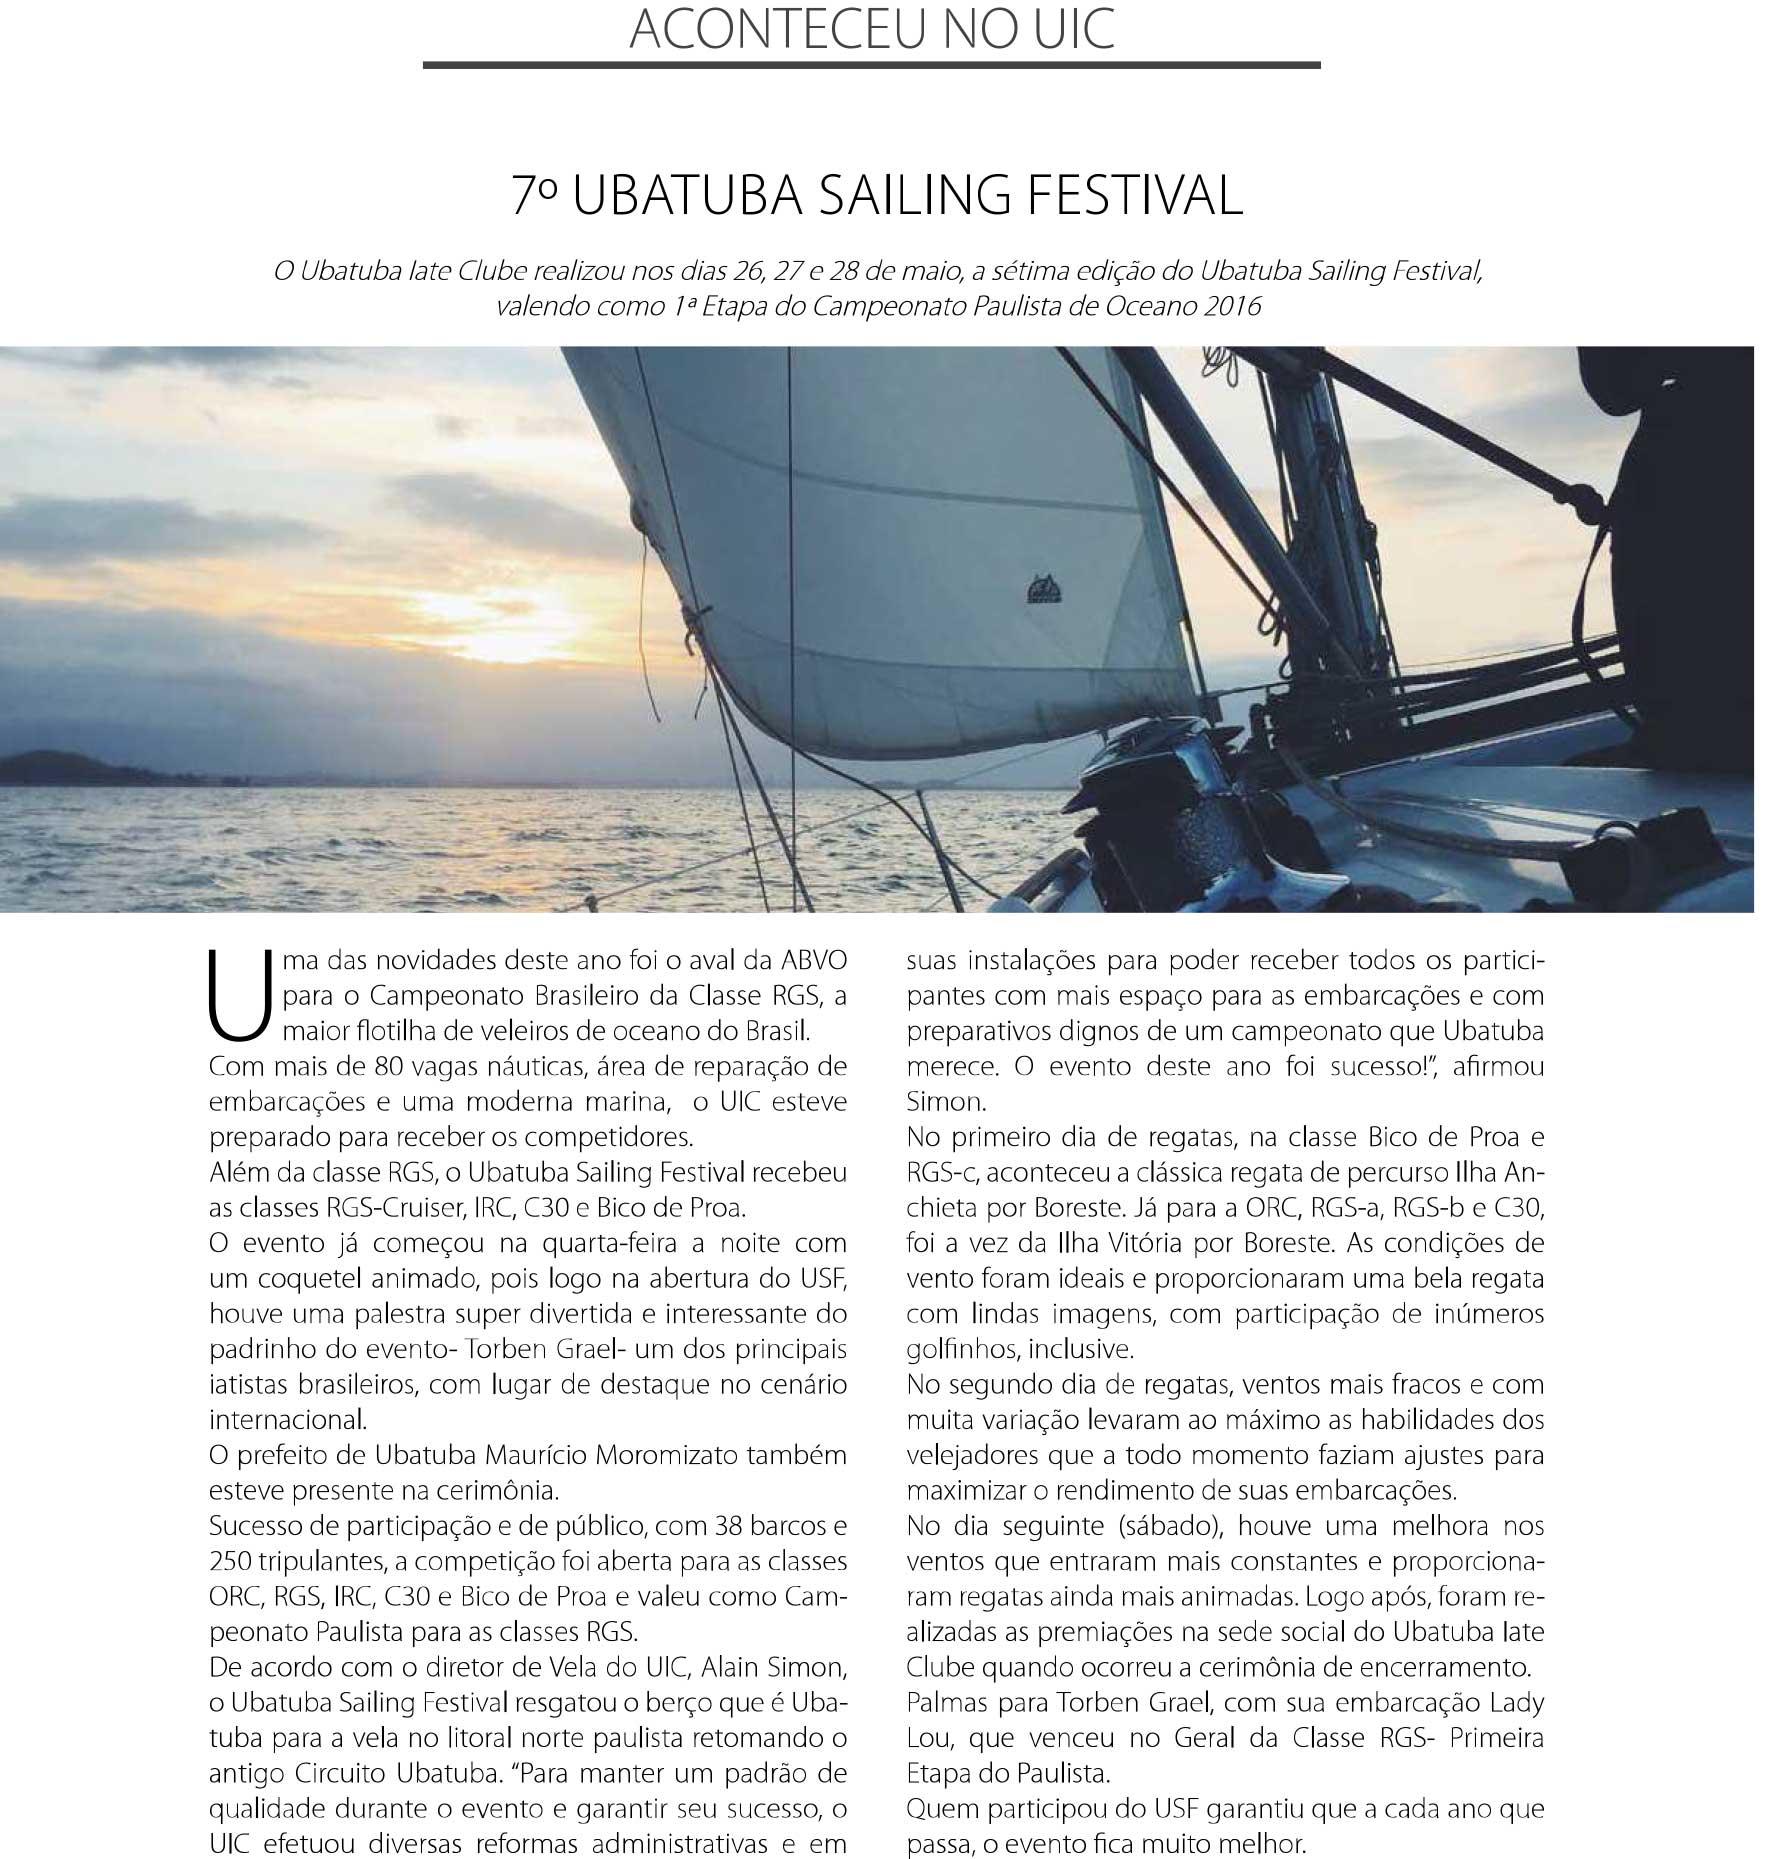 Ubatuba-Sailing-Festival-2016_rotated-1